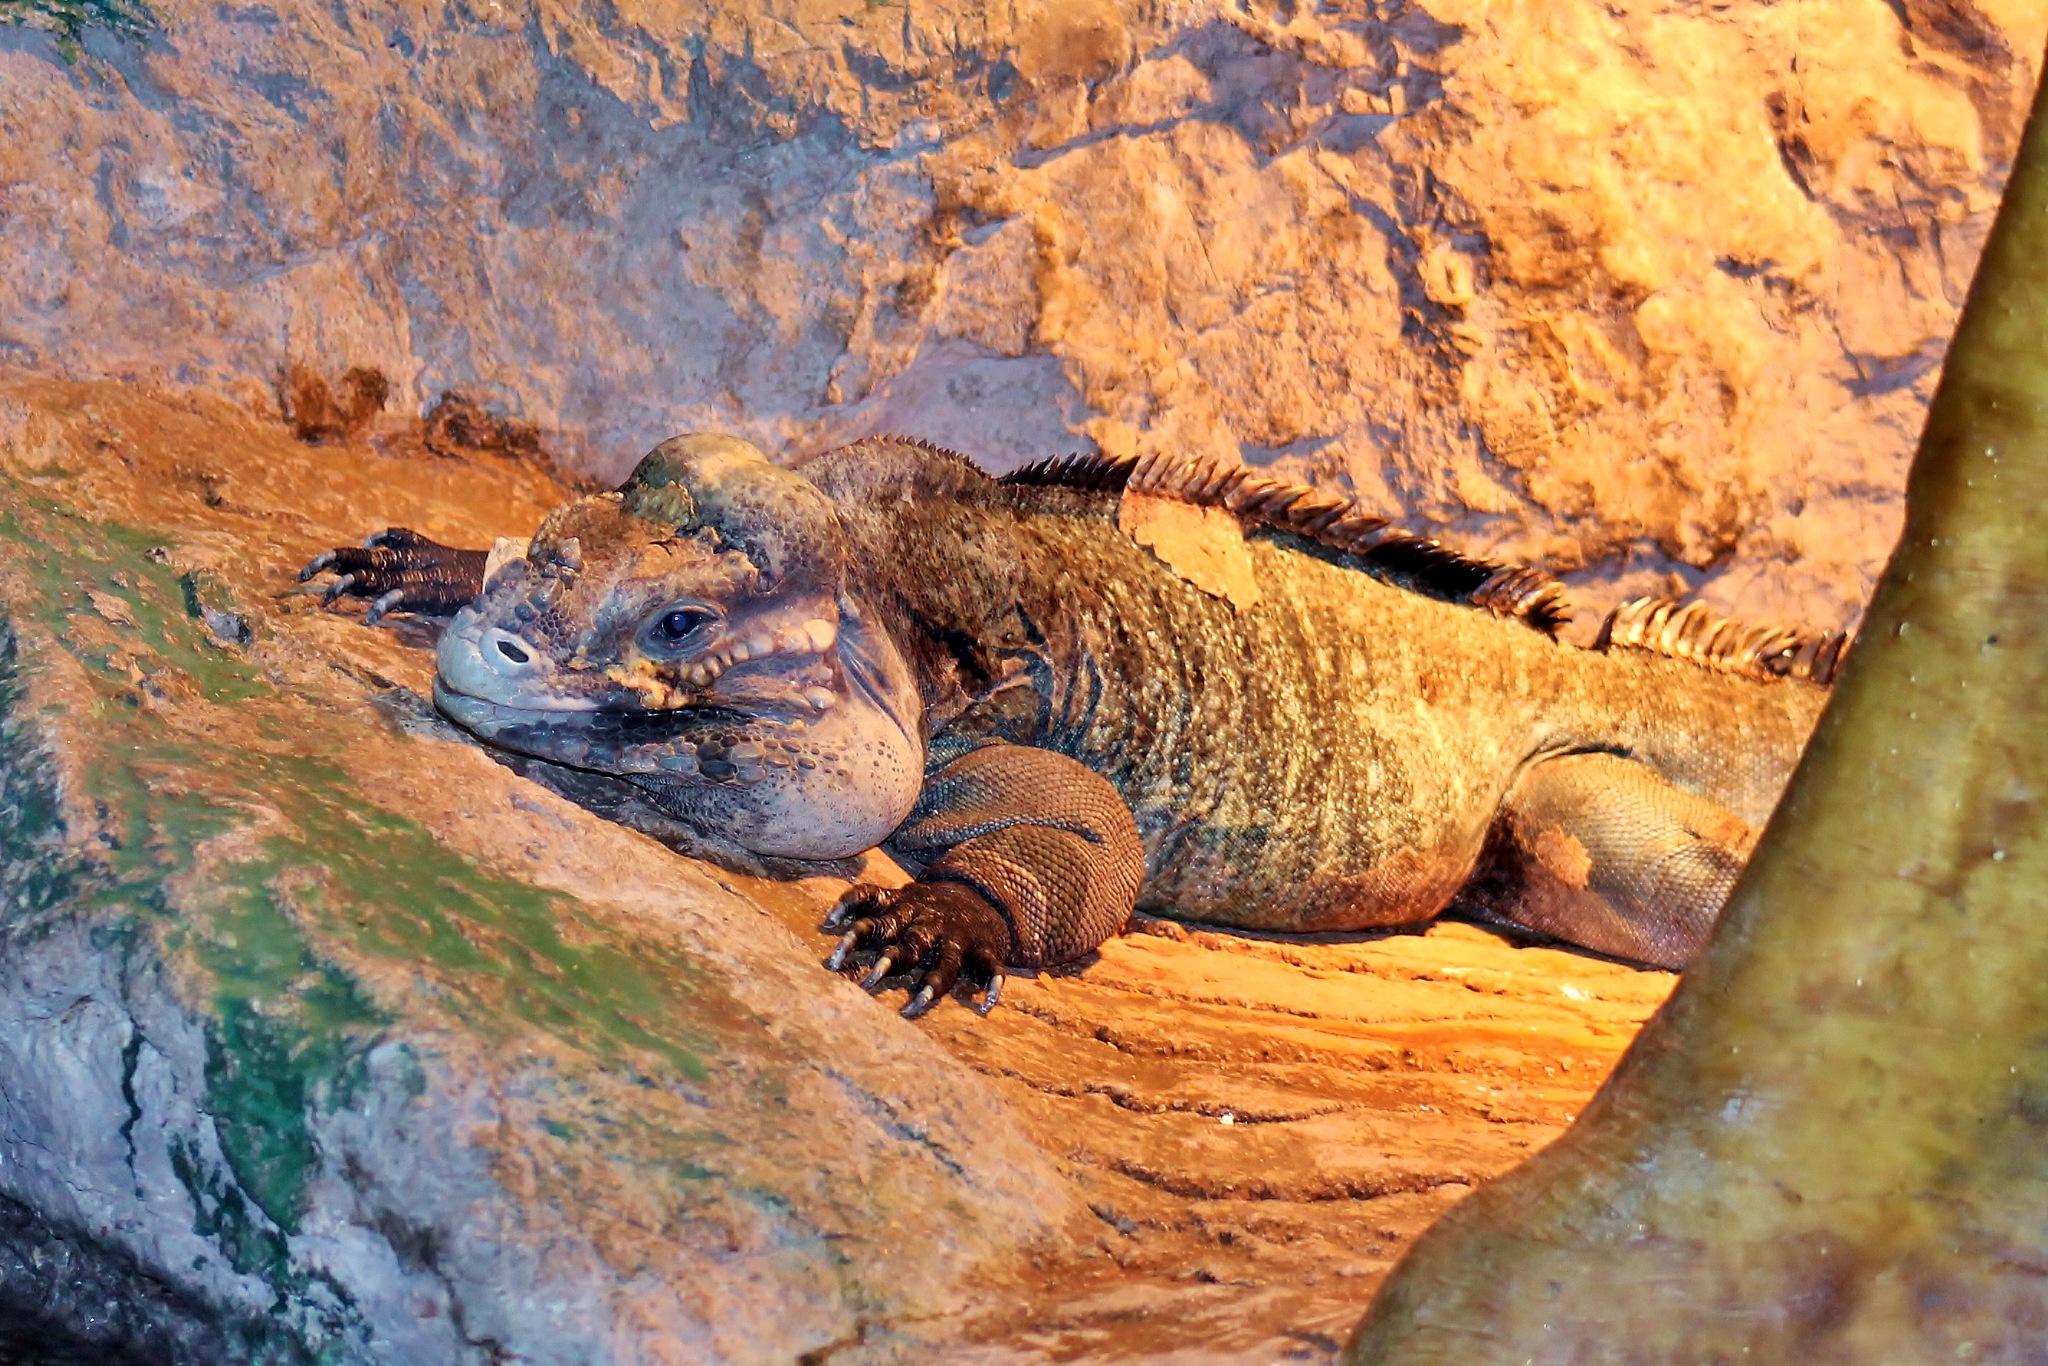 Rhino Iguana by yehaa_2001